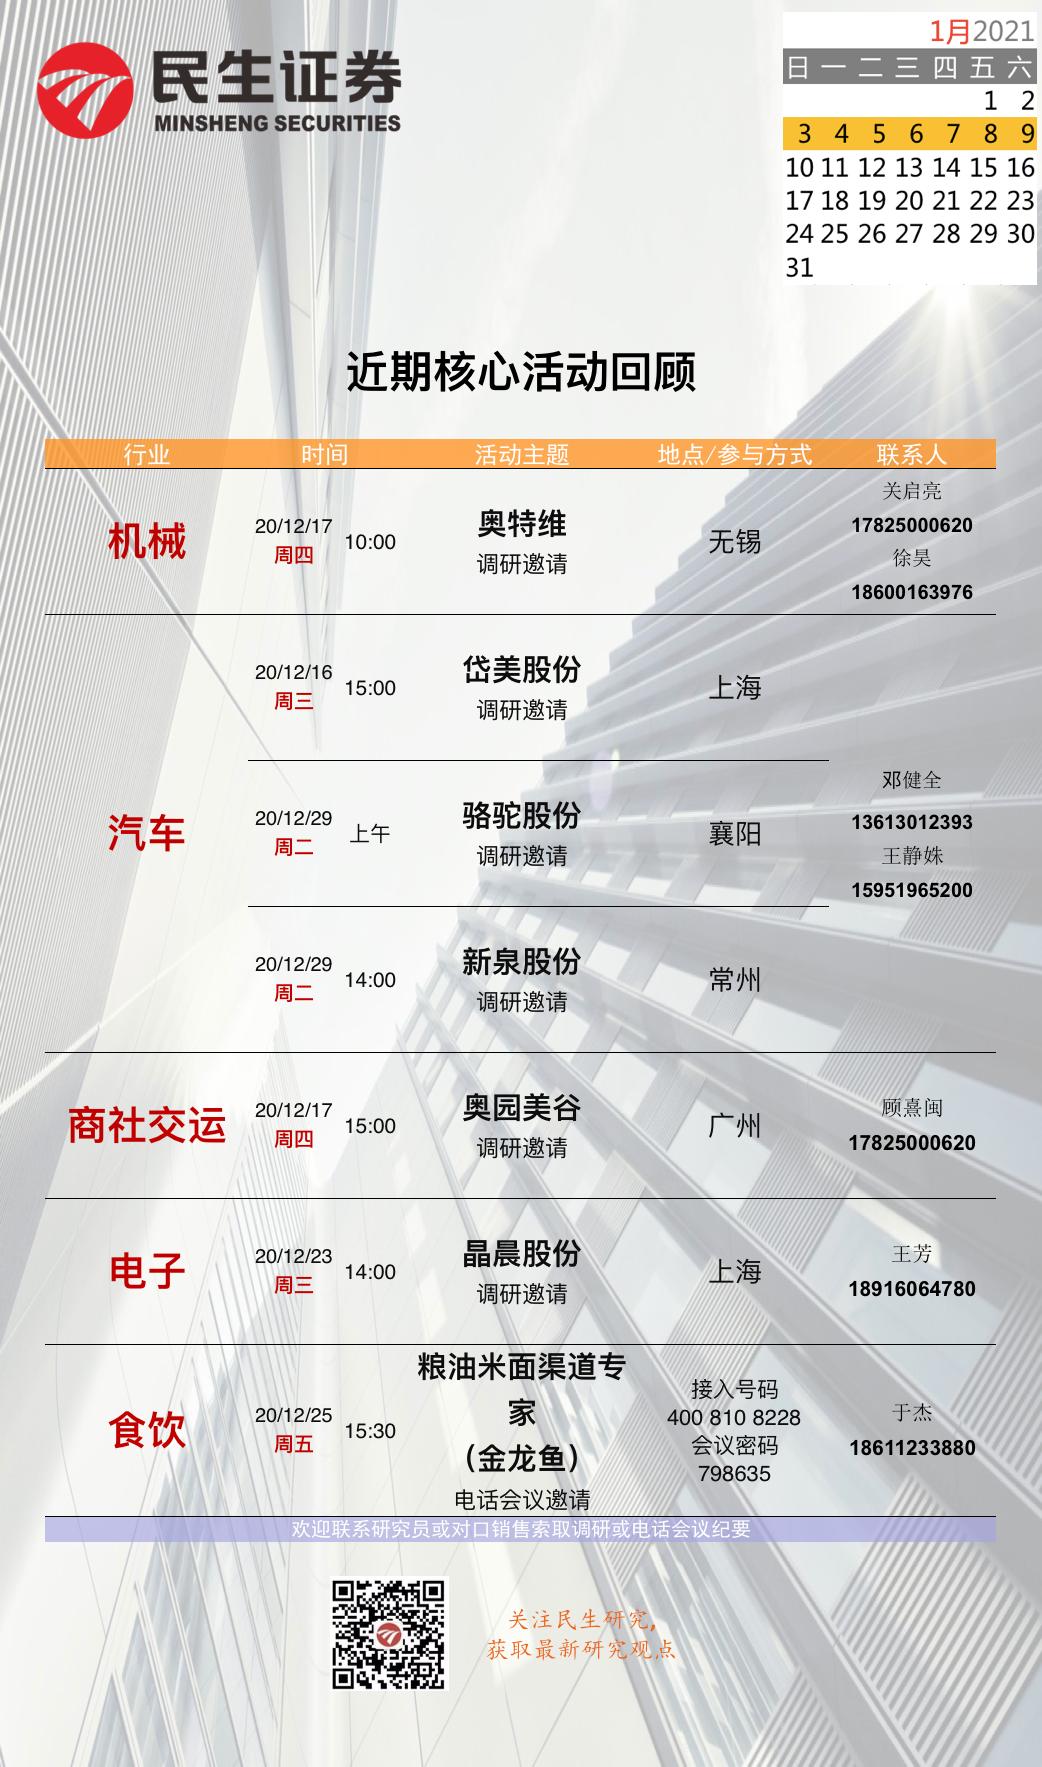 【民生证券研究院】晨会纪要20210106